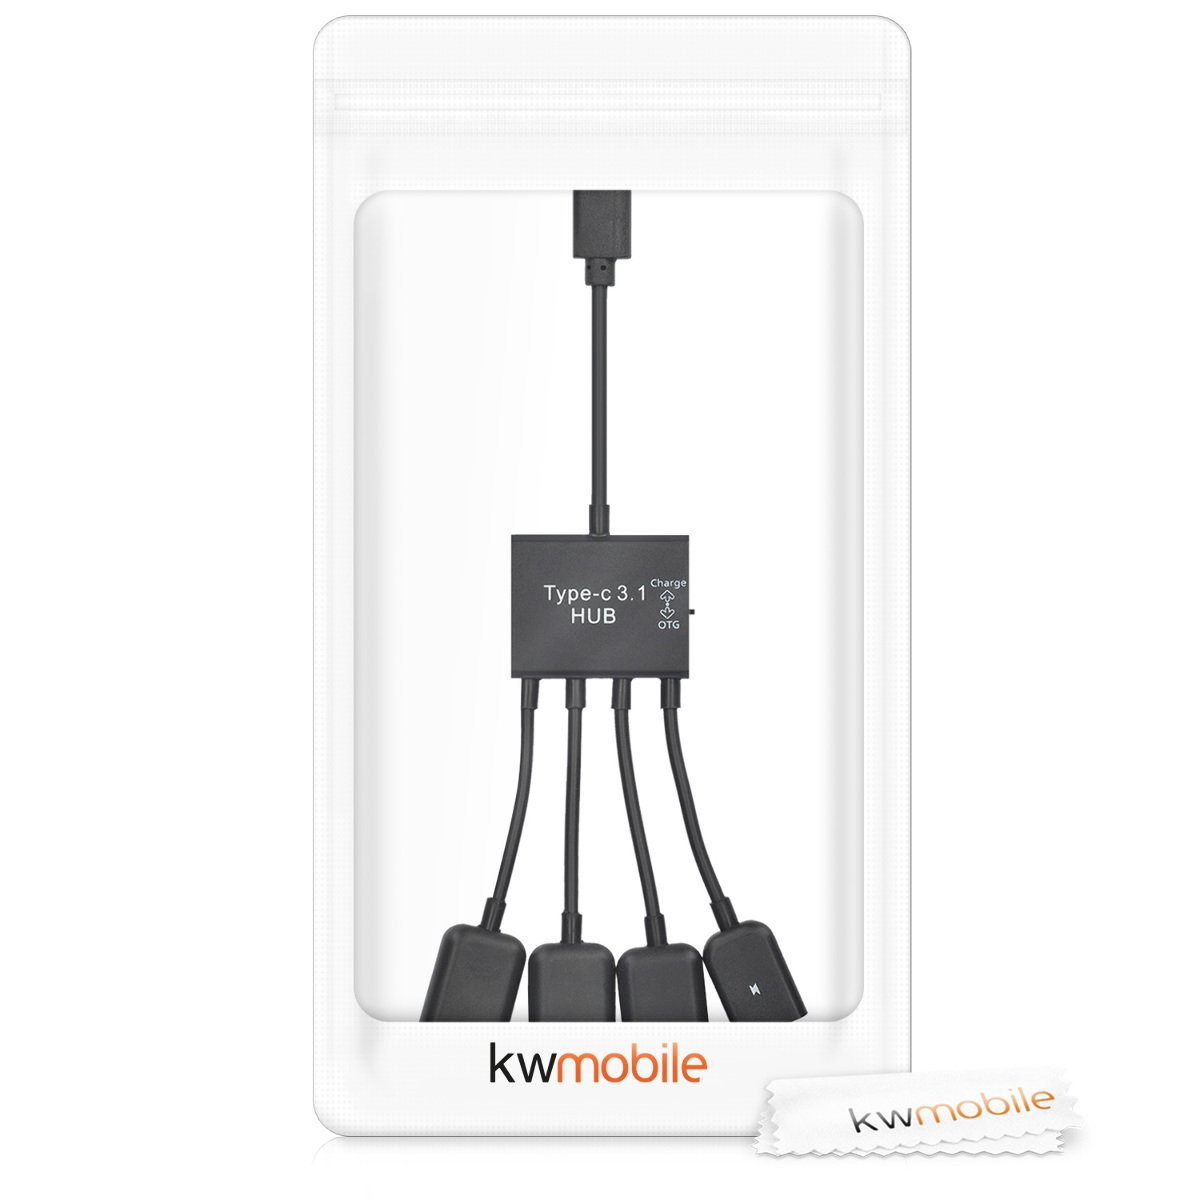 kwmobile Adattatore 4in1 USB C per Smartphone e Tablet Nero Distributore Micro-USB 4 Porte OTG Hub multiporta USB 3.1 Type C per Cellulare e Tab Pad